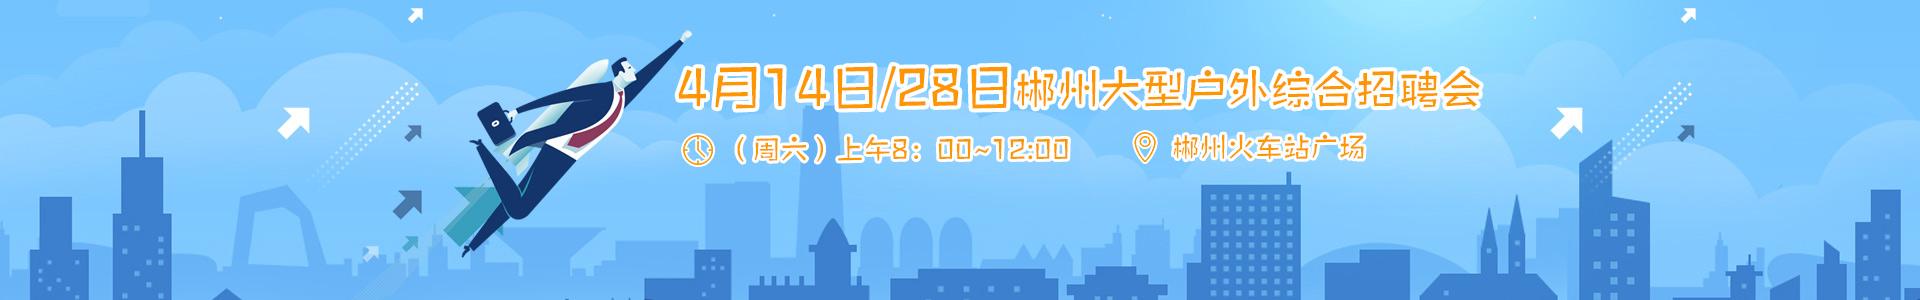 4月14日/28日郴州大型户外综合招聘会